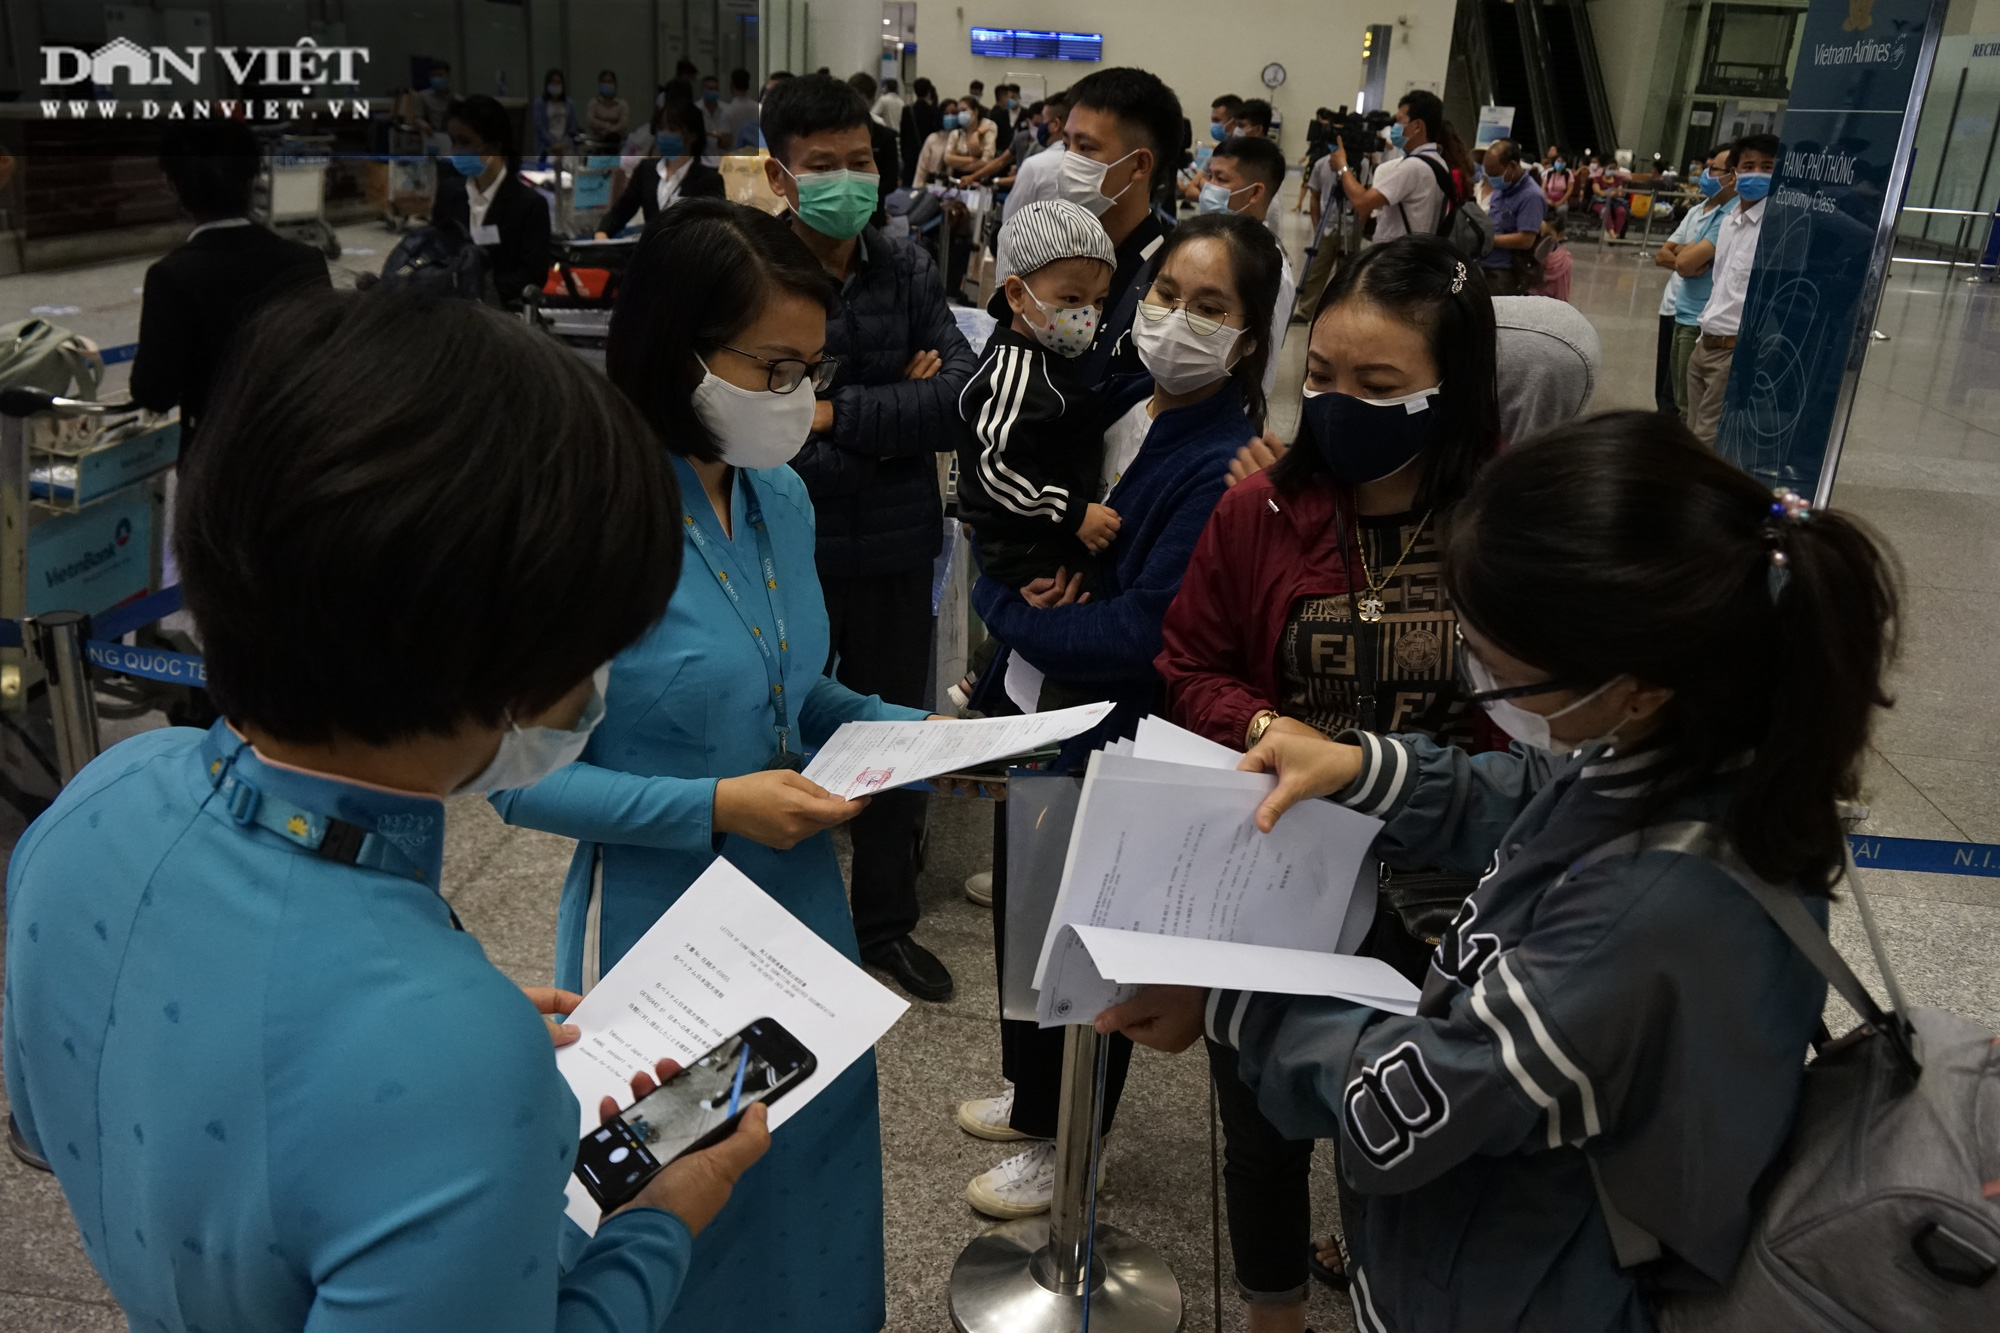 Cận cảnh chuyến bay thương mại quốc tế giữa Việt Nam - Nhật Bản hậu Covid-19 - Ảnh 2.